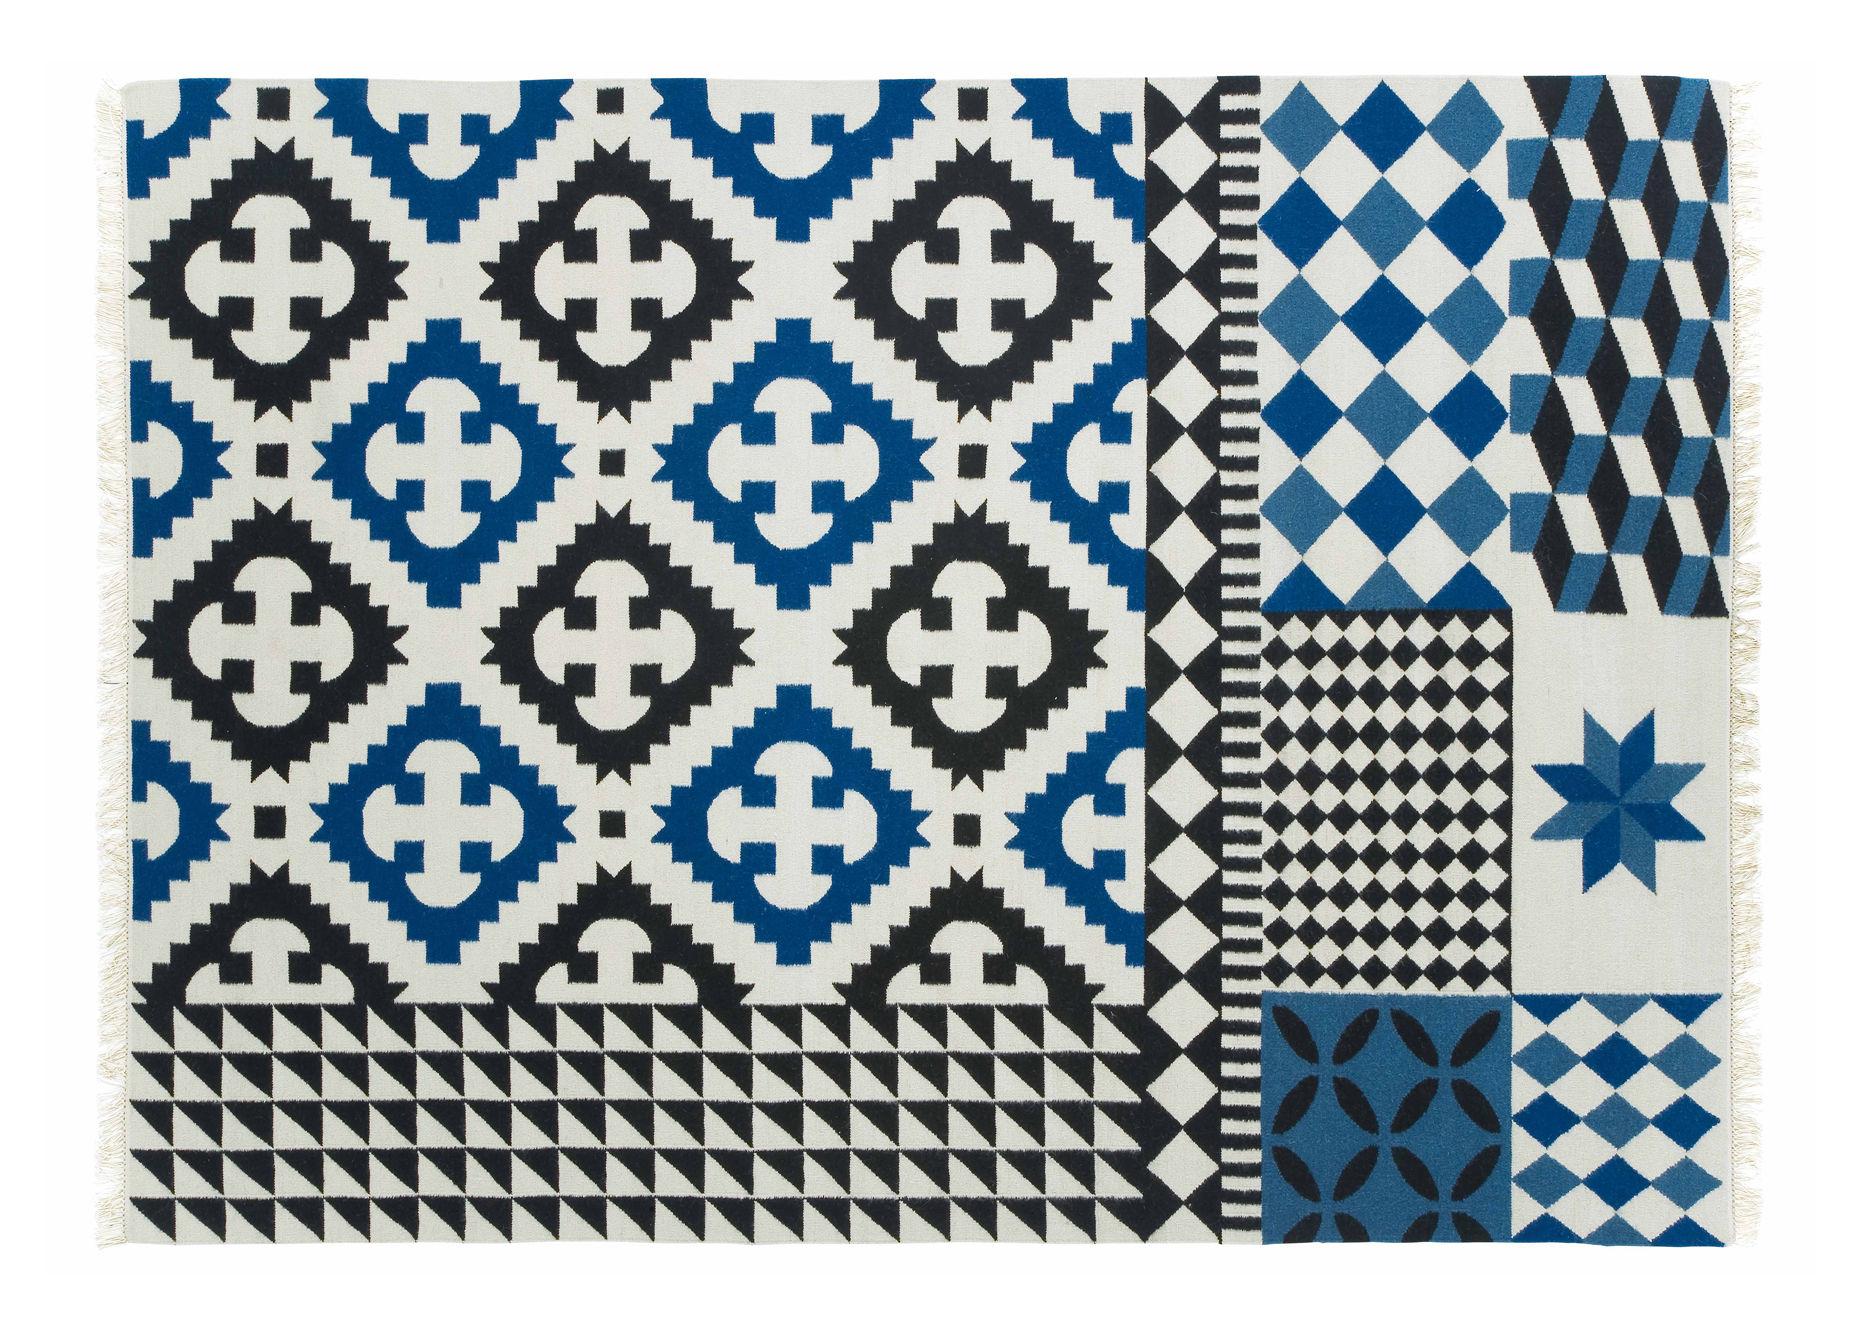 tapis kilim palermo 240 x 170 cm bleu gan made in design. Black Bedroom Furniture Sets. Home Design Ideas